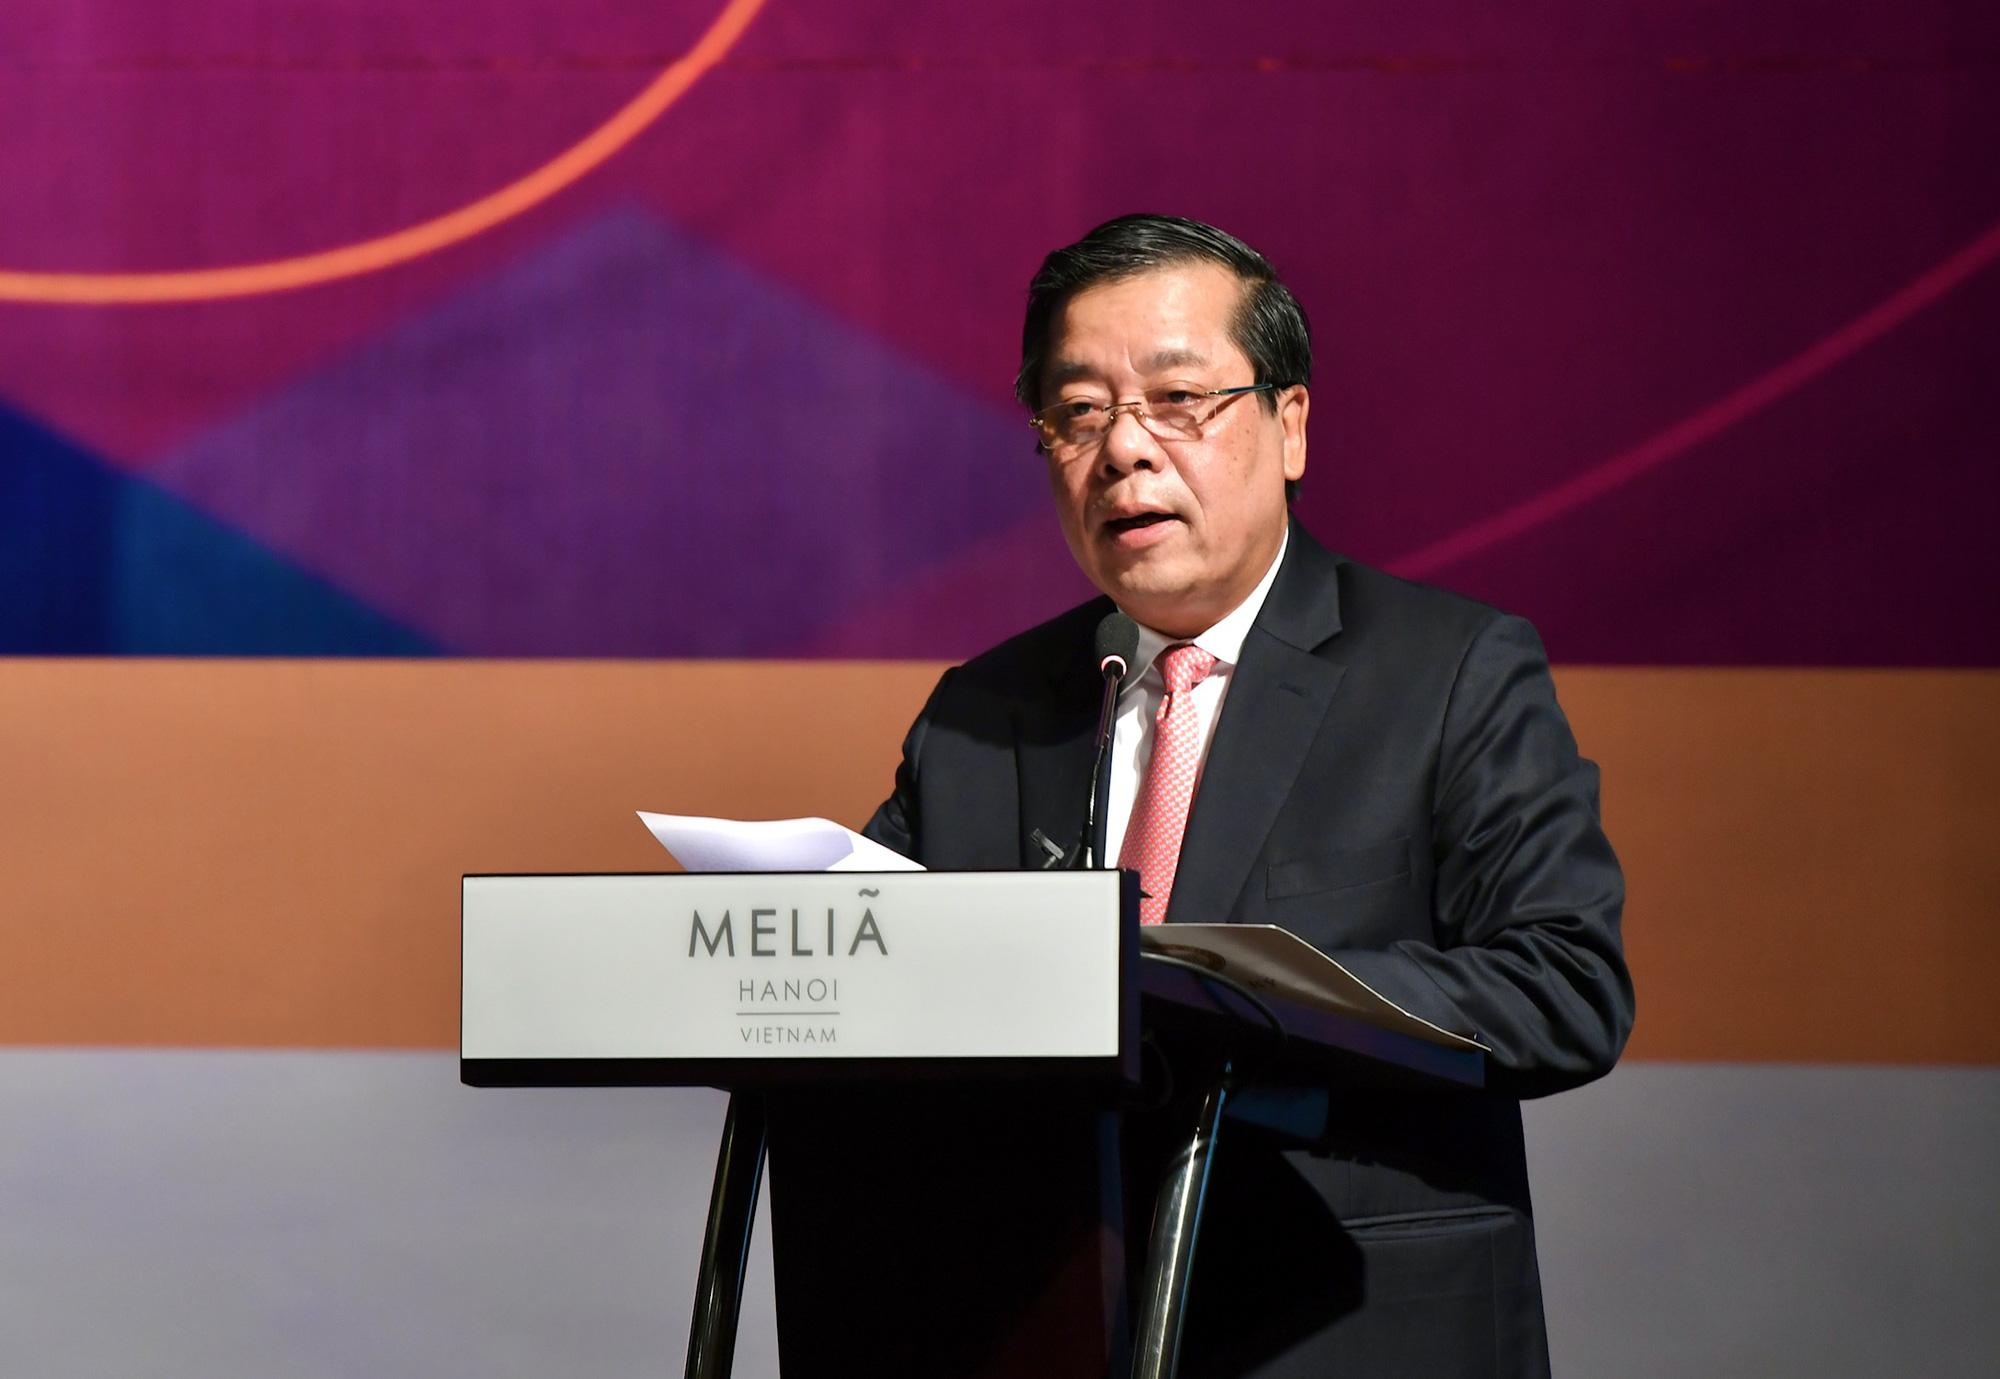 Phó Thống đốc Nguyễn Kim Anh: Ưu thế thuộc về người làm chủ các nguồn dữ liệu thông minh - Ảnh 2.